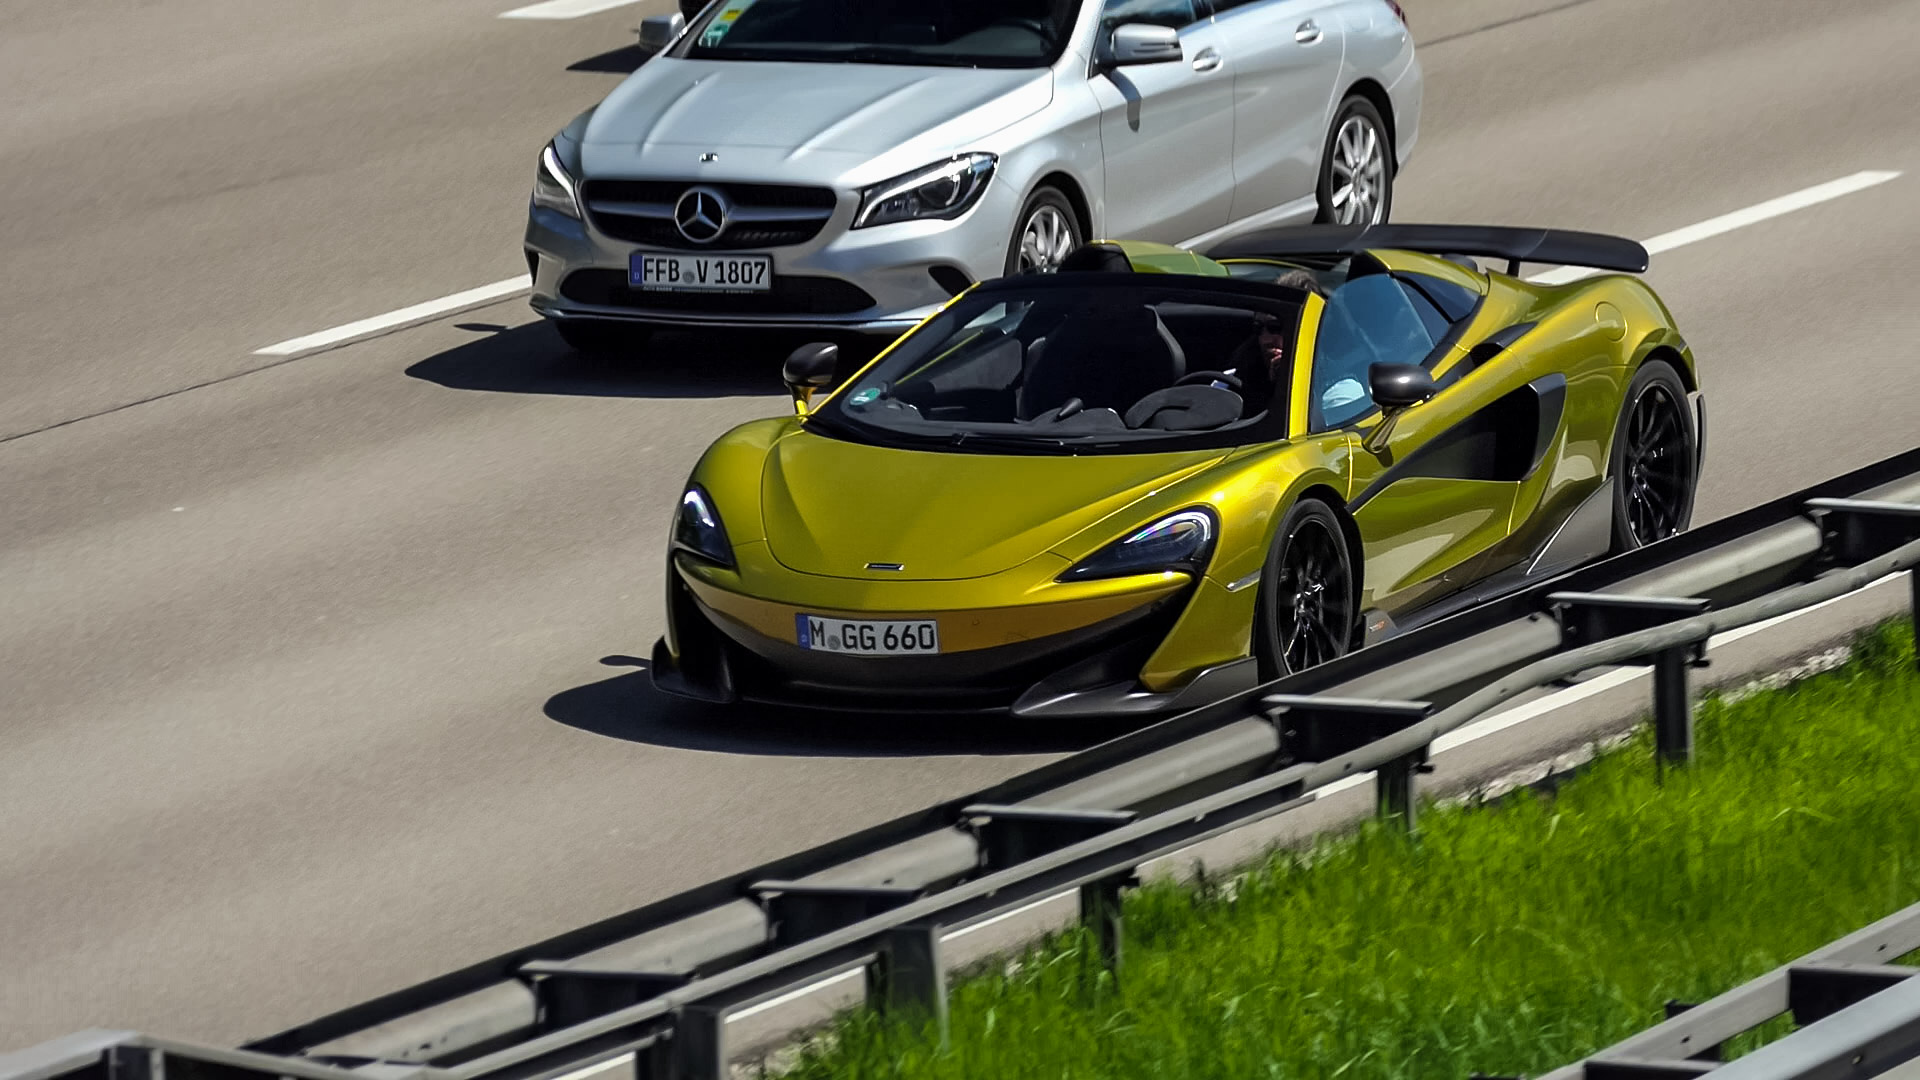 McLaren 600LT Spider - M-GG-660